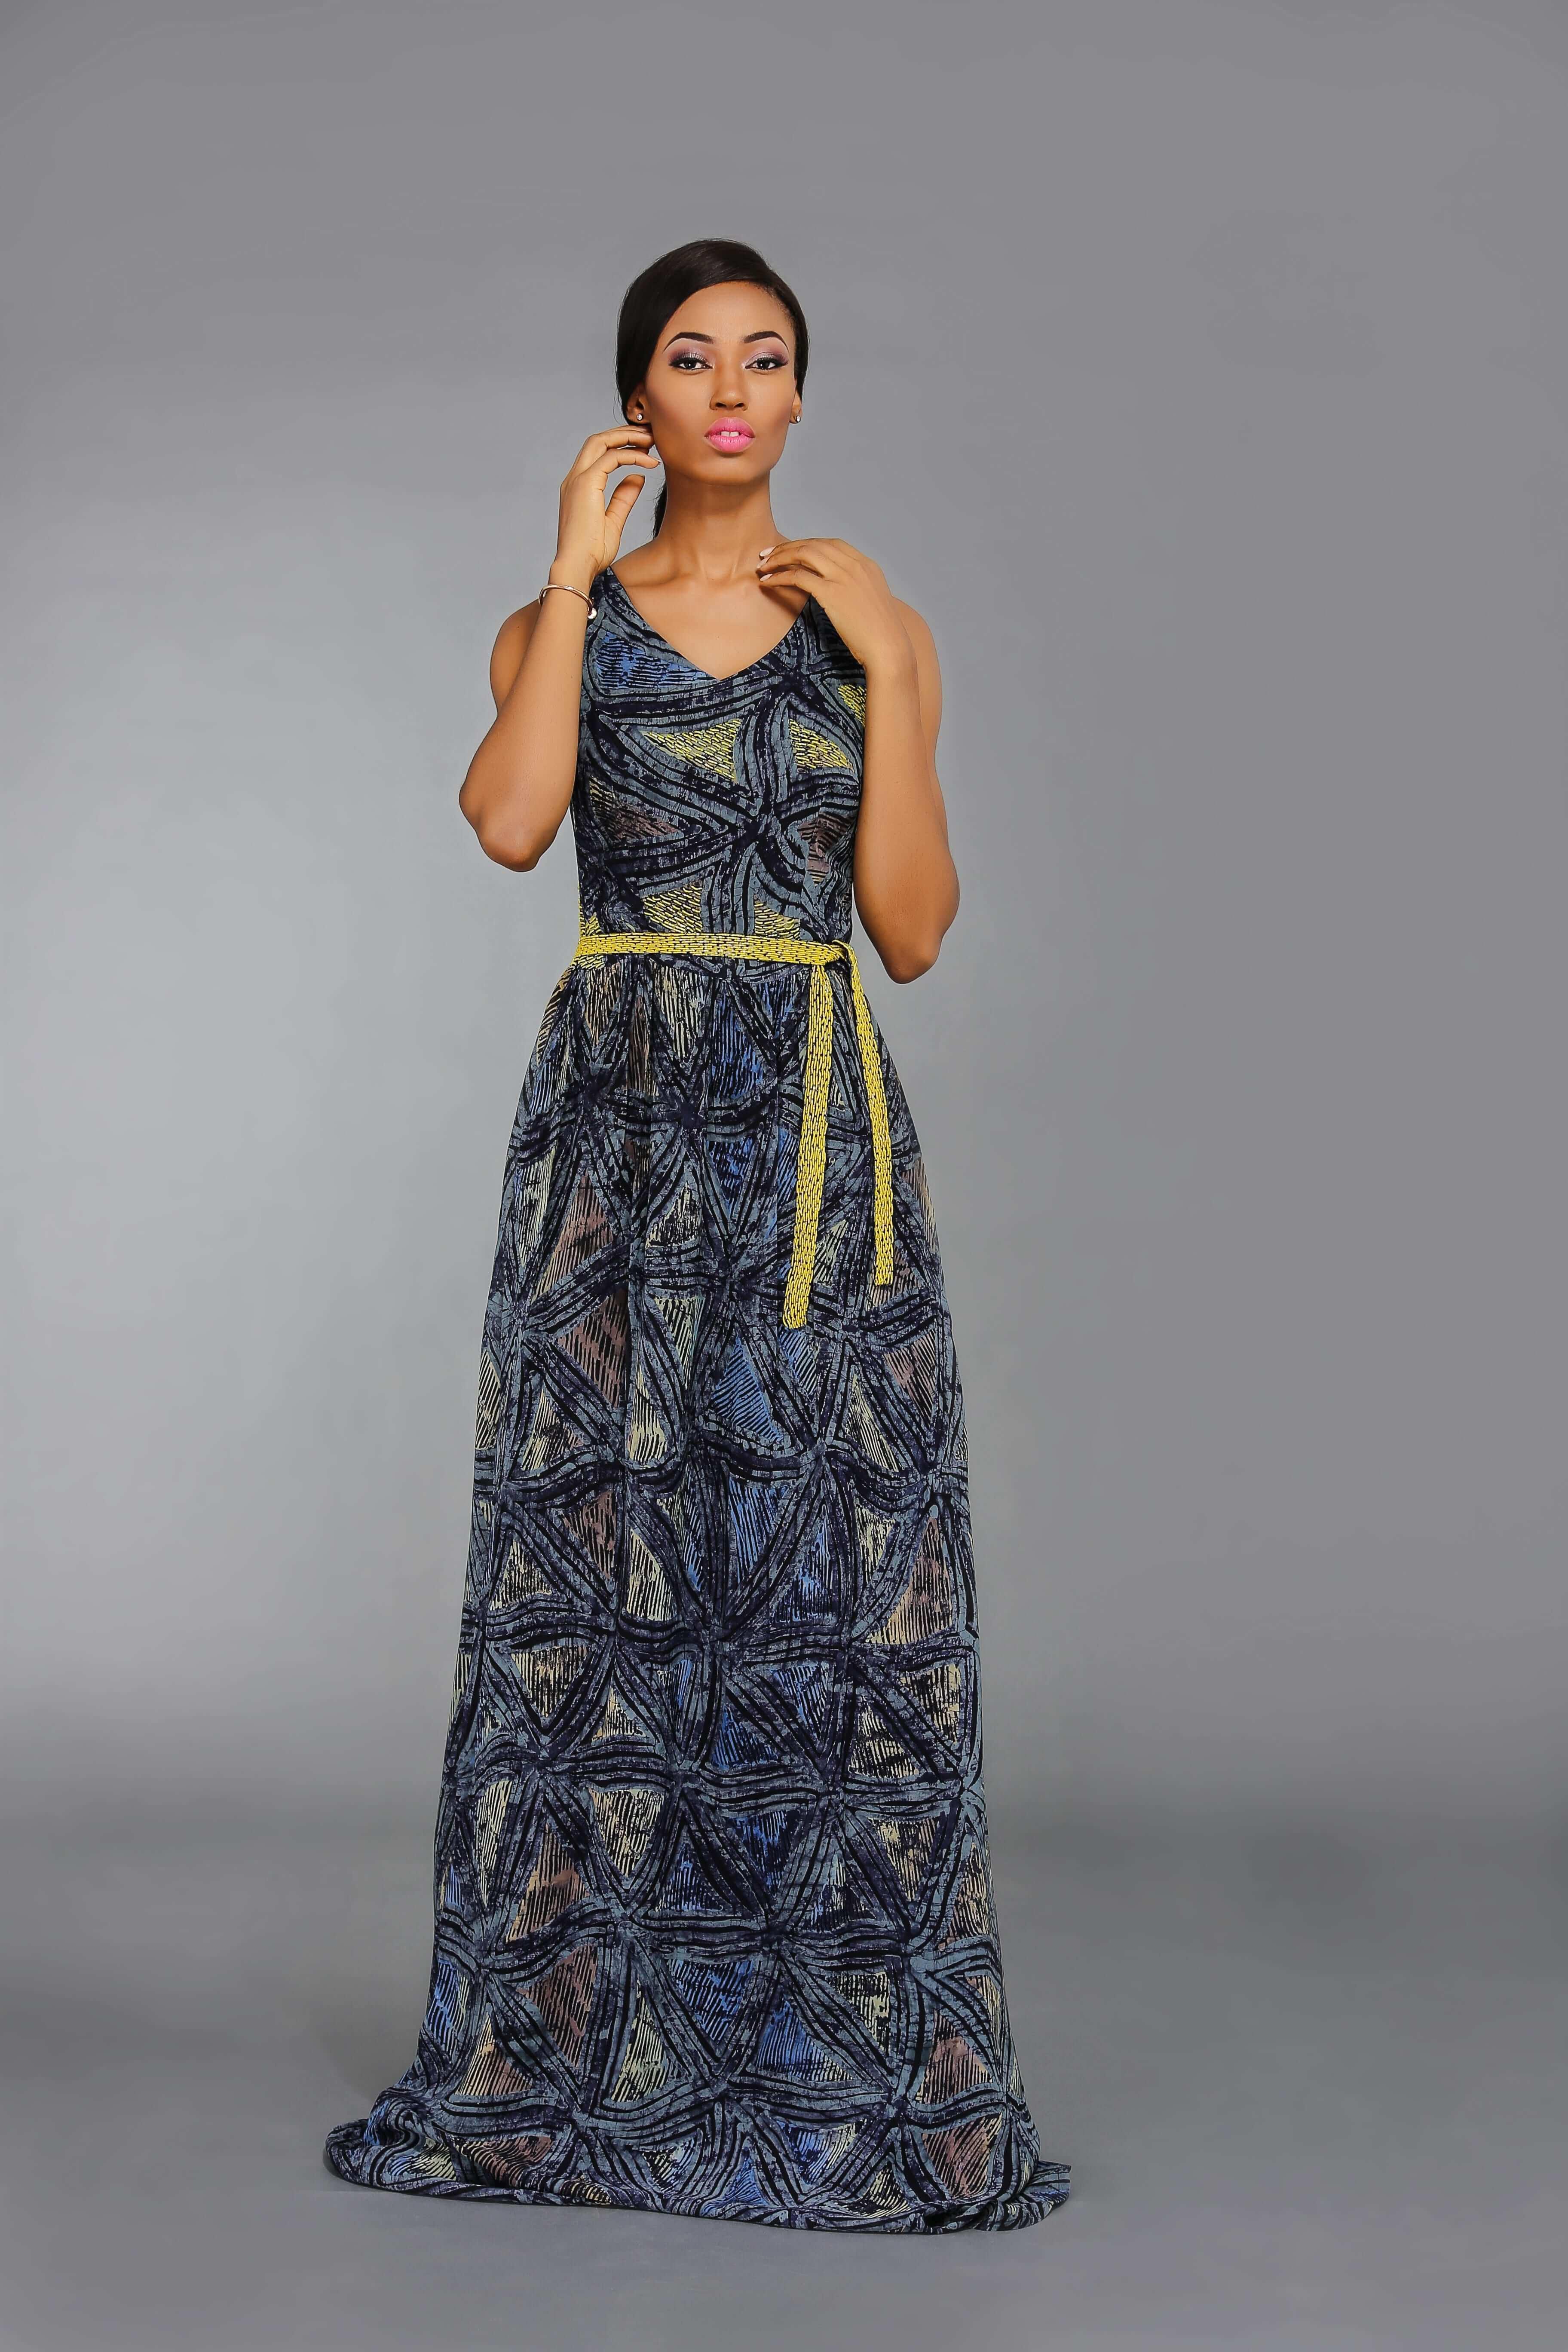 robe africaine moonlook SS15a11-min